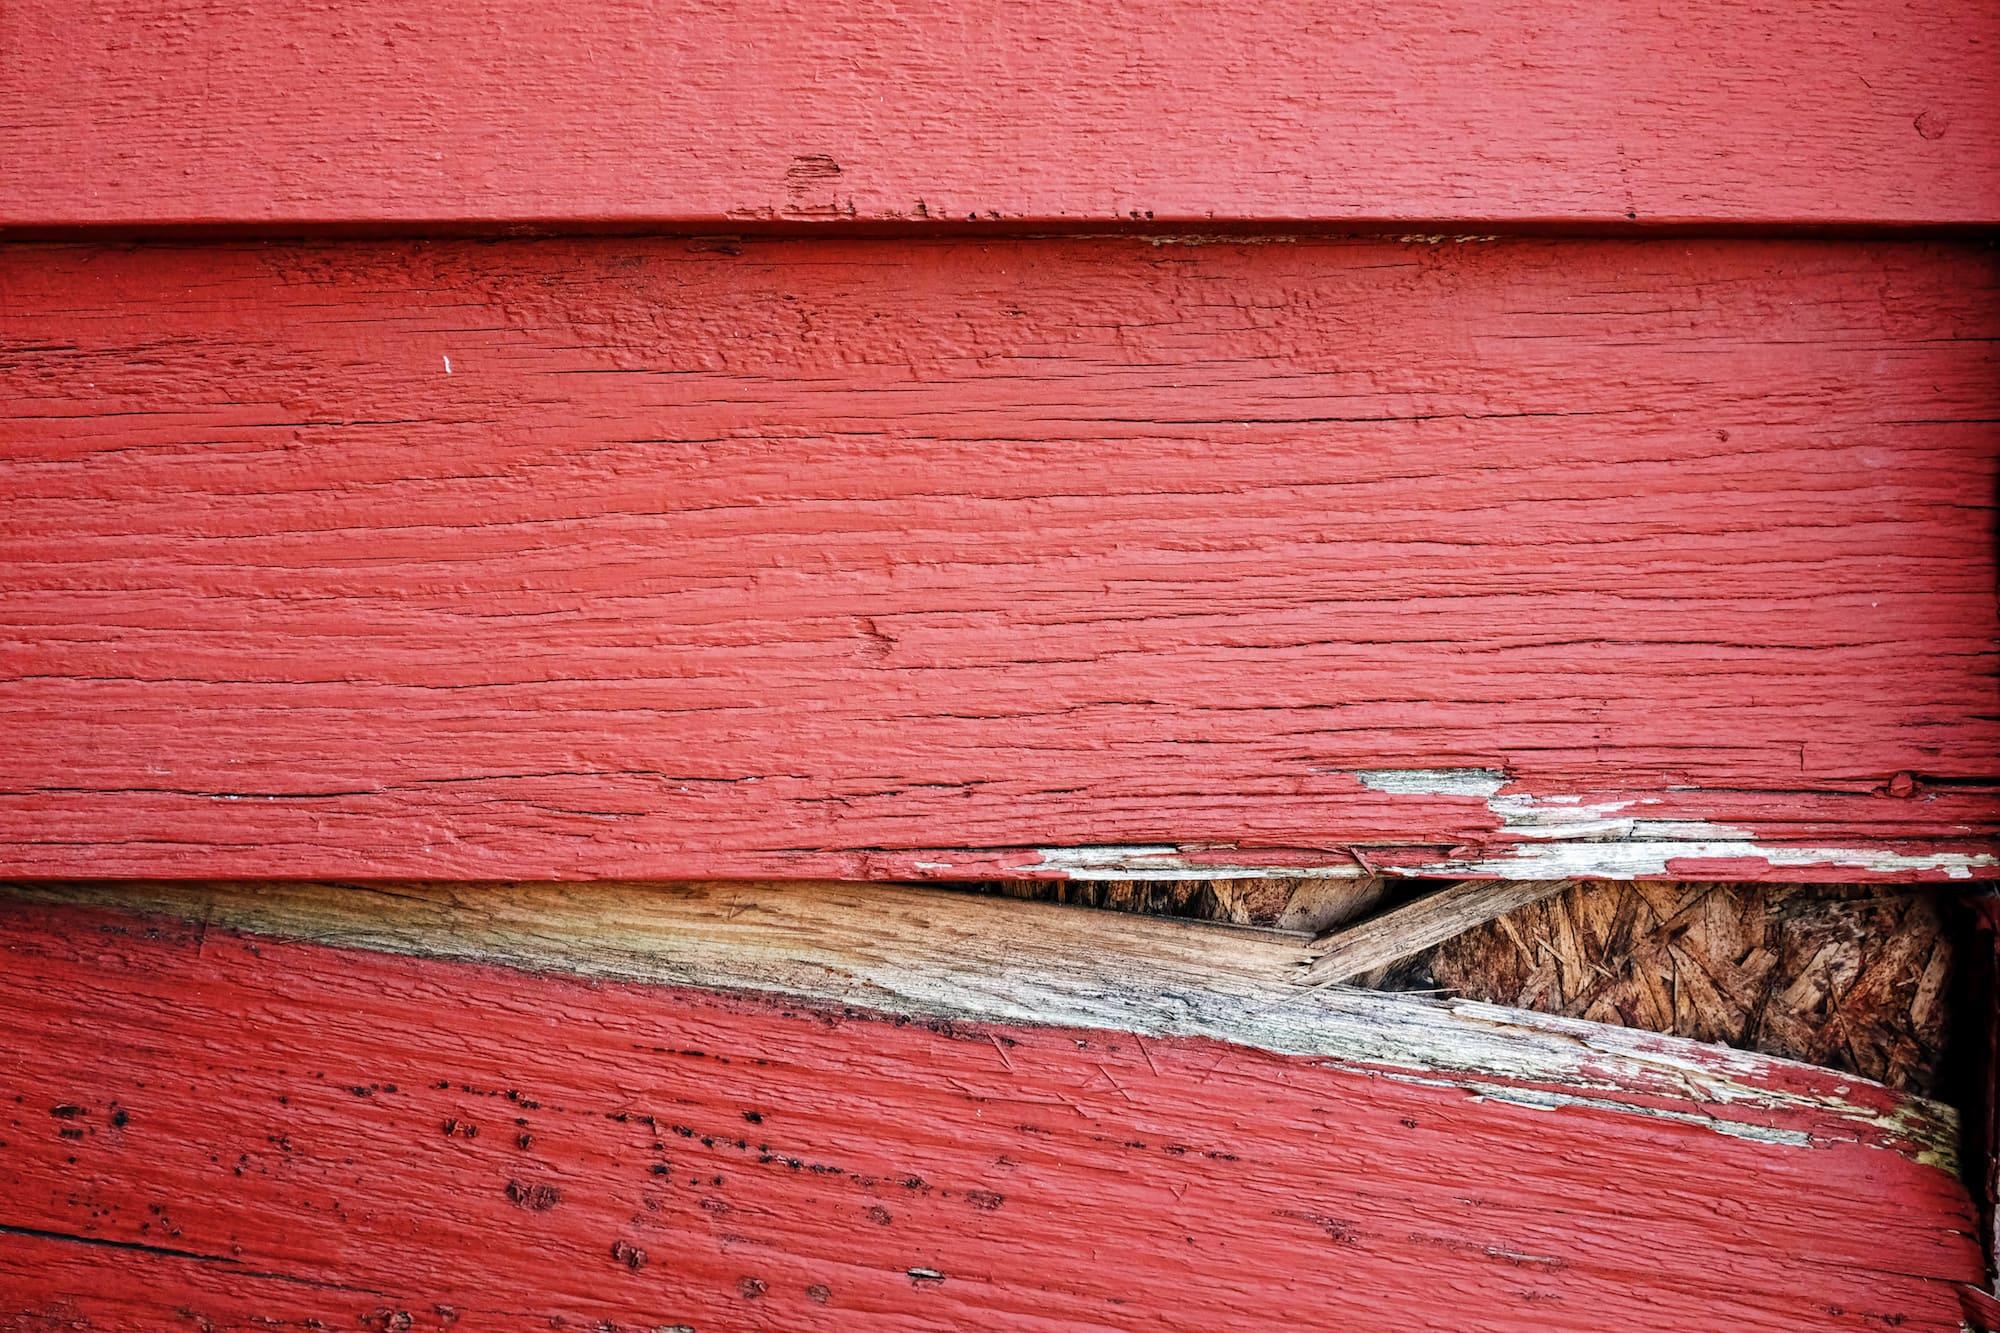 Cedar Siding Nails Popping Nail Ftempo